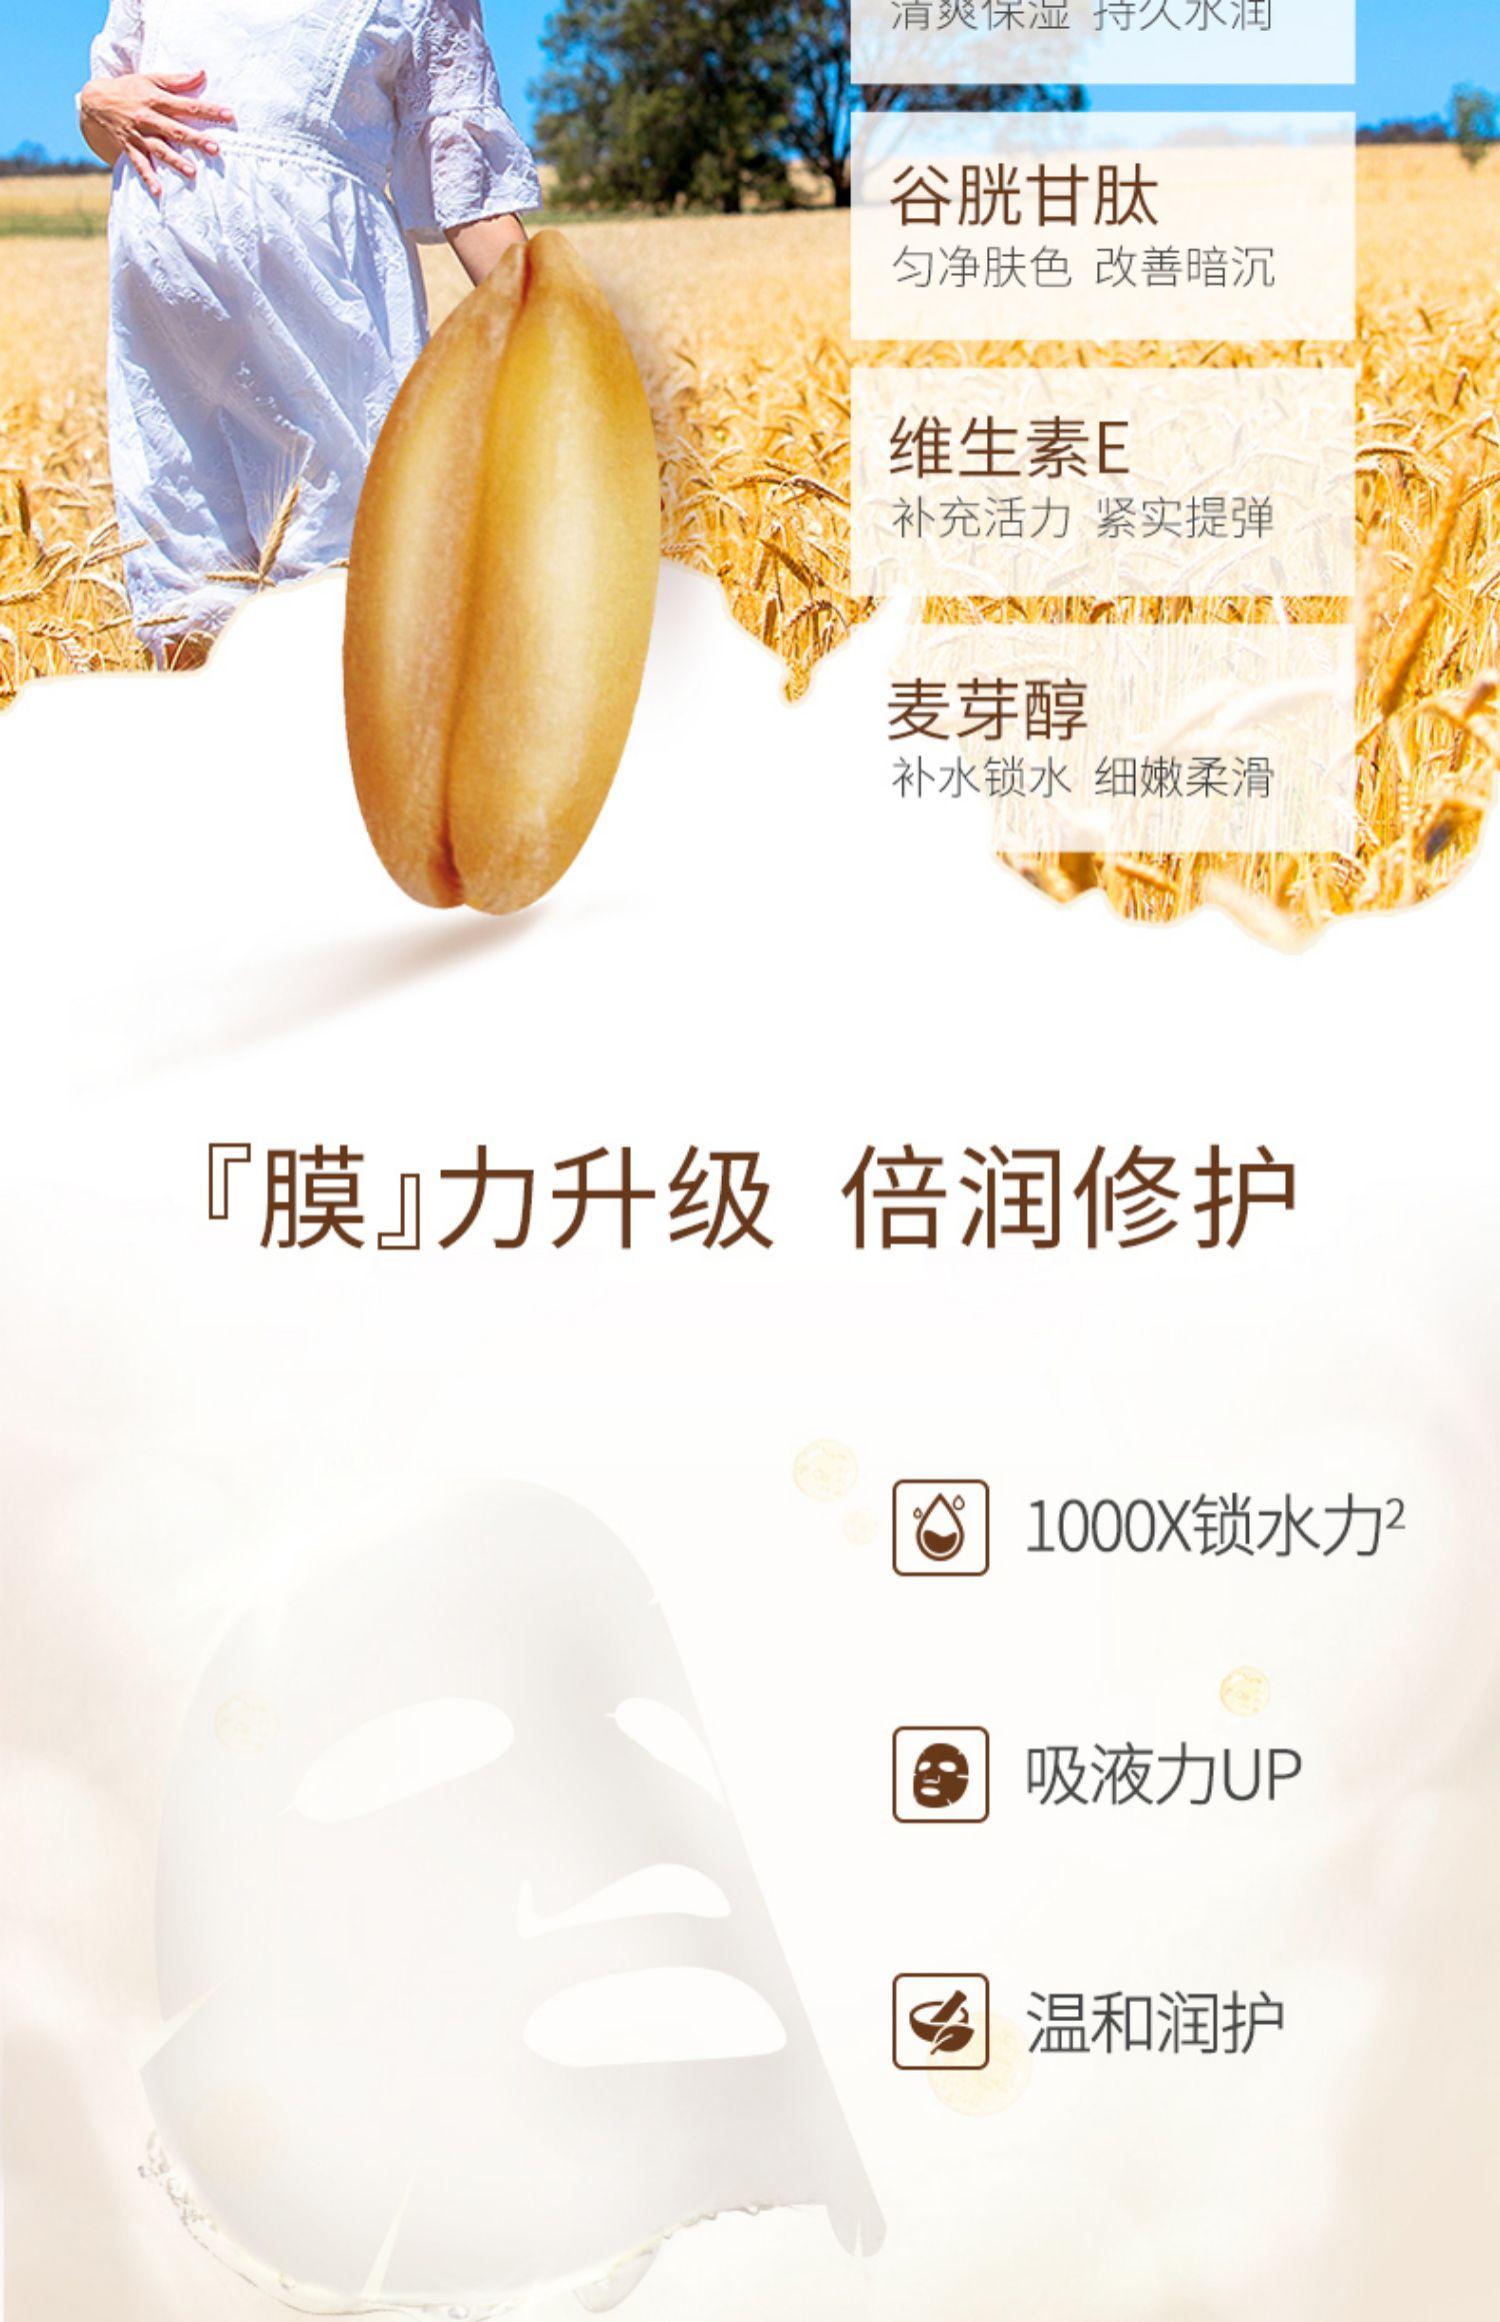 袋鼠妈妈孕妇面膜20片 天然补水保湿 哺乳期护肤品官网旗舰店商品详情图